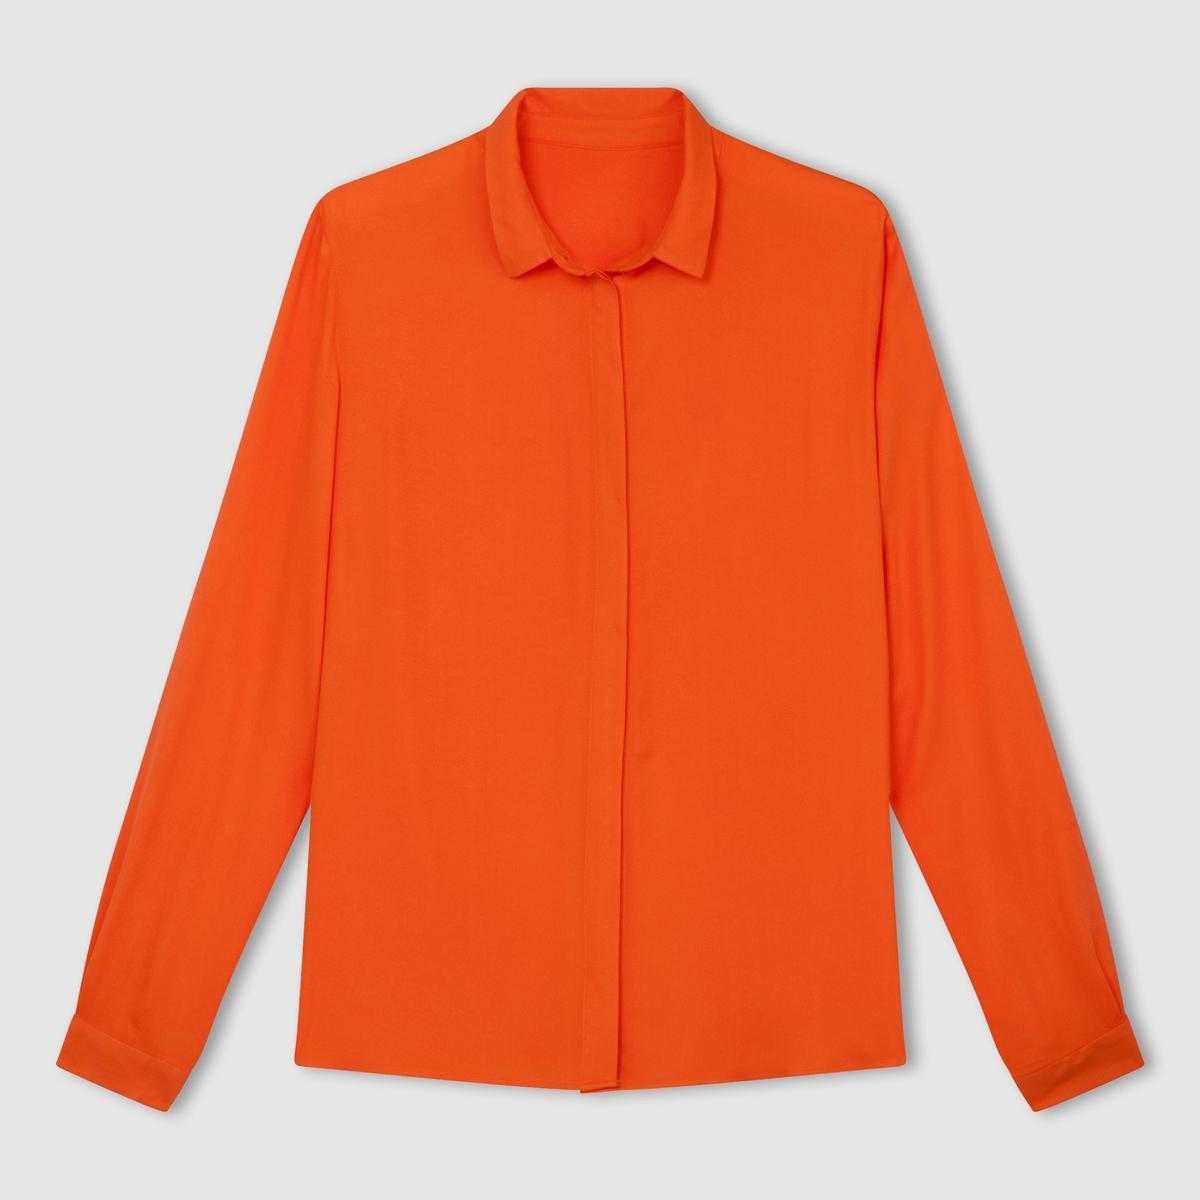 Рубашка из вискозы. Длинные рукаваРубашка из 100% вискозы . Длинные рукава . Без карманов . Супатная застежка на пуговицы  . Длина 67 см .            Элегантная и удобная рубашка, незаменимая в любом гардеробе  !<br><br>Цвет: ярко-оранжевый